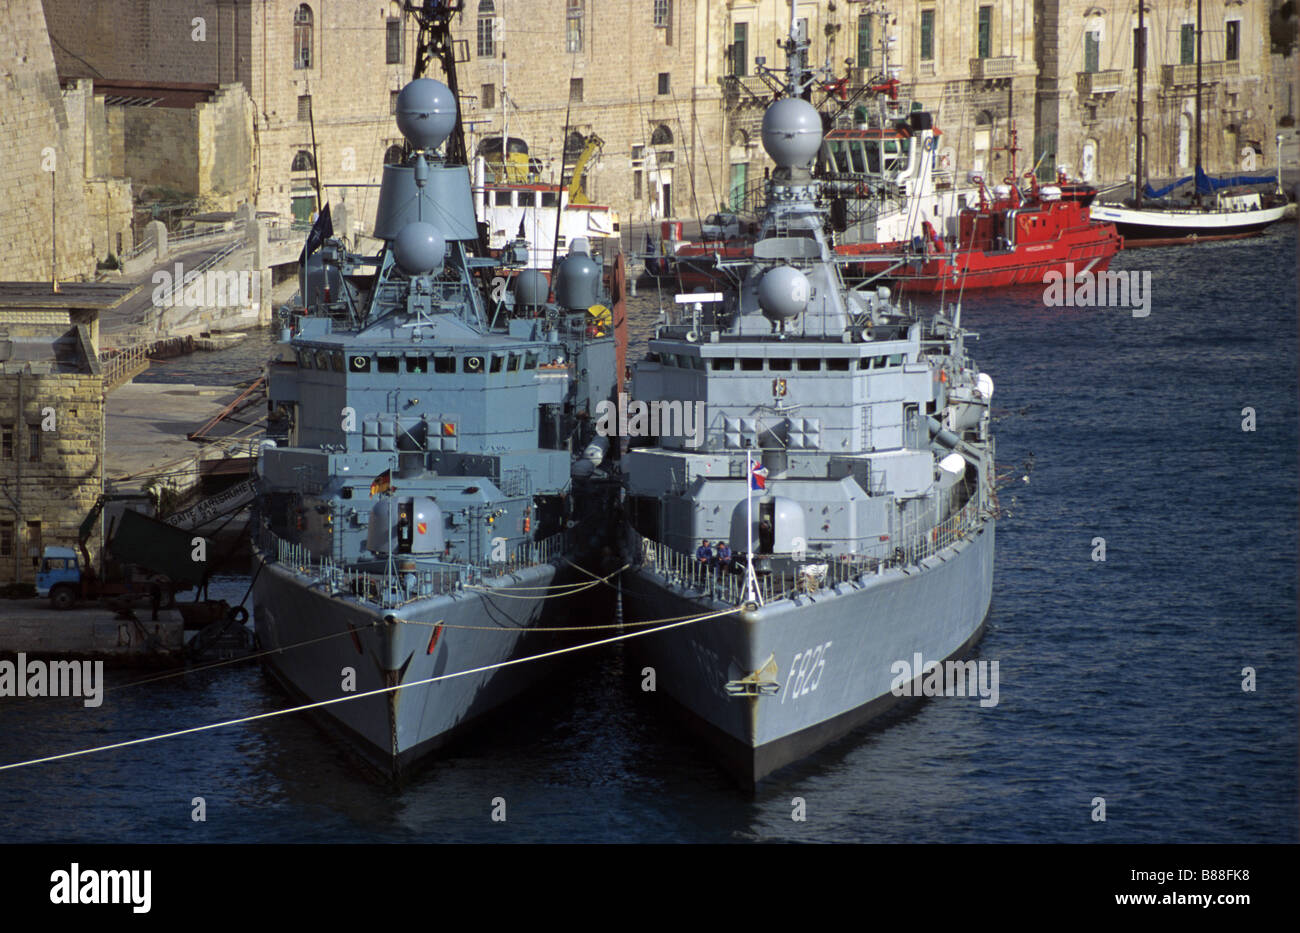 Schlachtschiffe oder Marineschiffe im Grand Harbour oder im Hafen von Valletta, Malta Stockbild